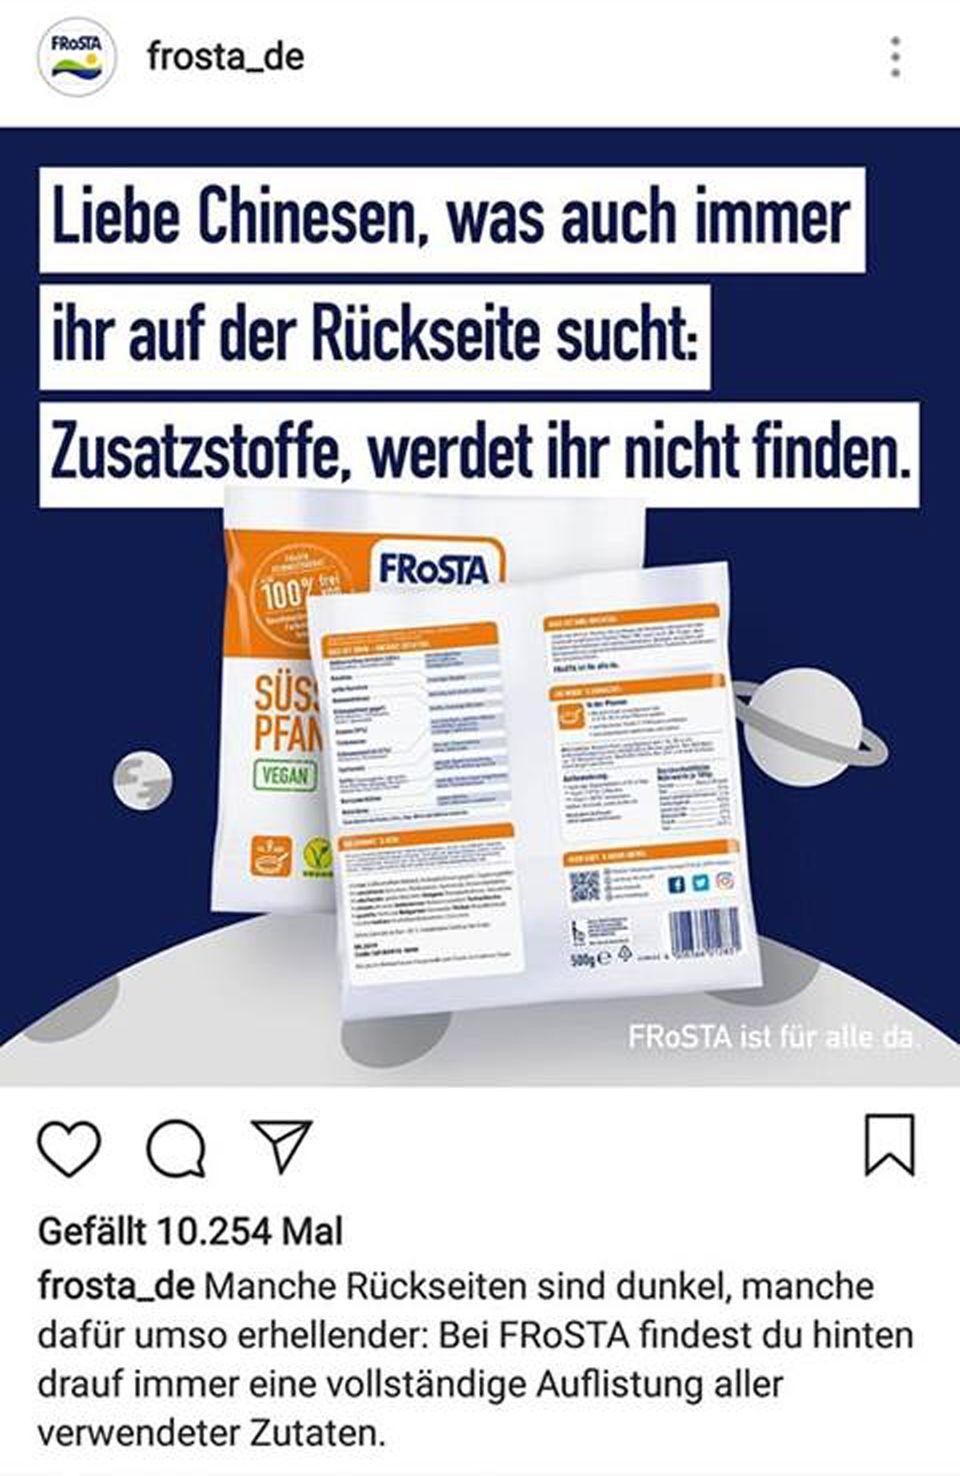 Mit diesem Post bewarb der Tiefkühlkost-Anbieter Frosta seine Süßkartoffel-Pfanne. Der Instagram-Eintrag wurde mittlerweile gelöscht, dafür entschuldigte sich Frosta bei allen, die sich dadurchdiskriminiert gefühlt haben.